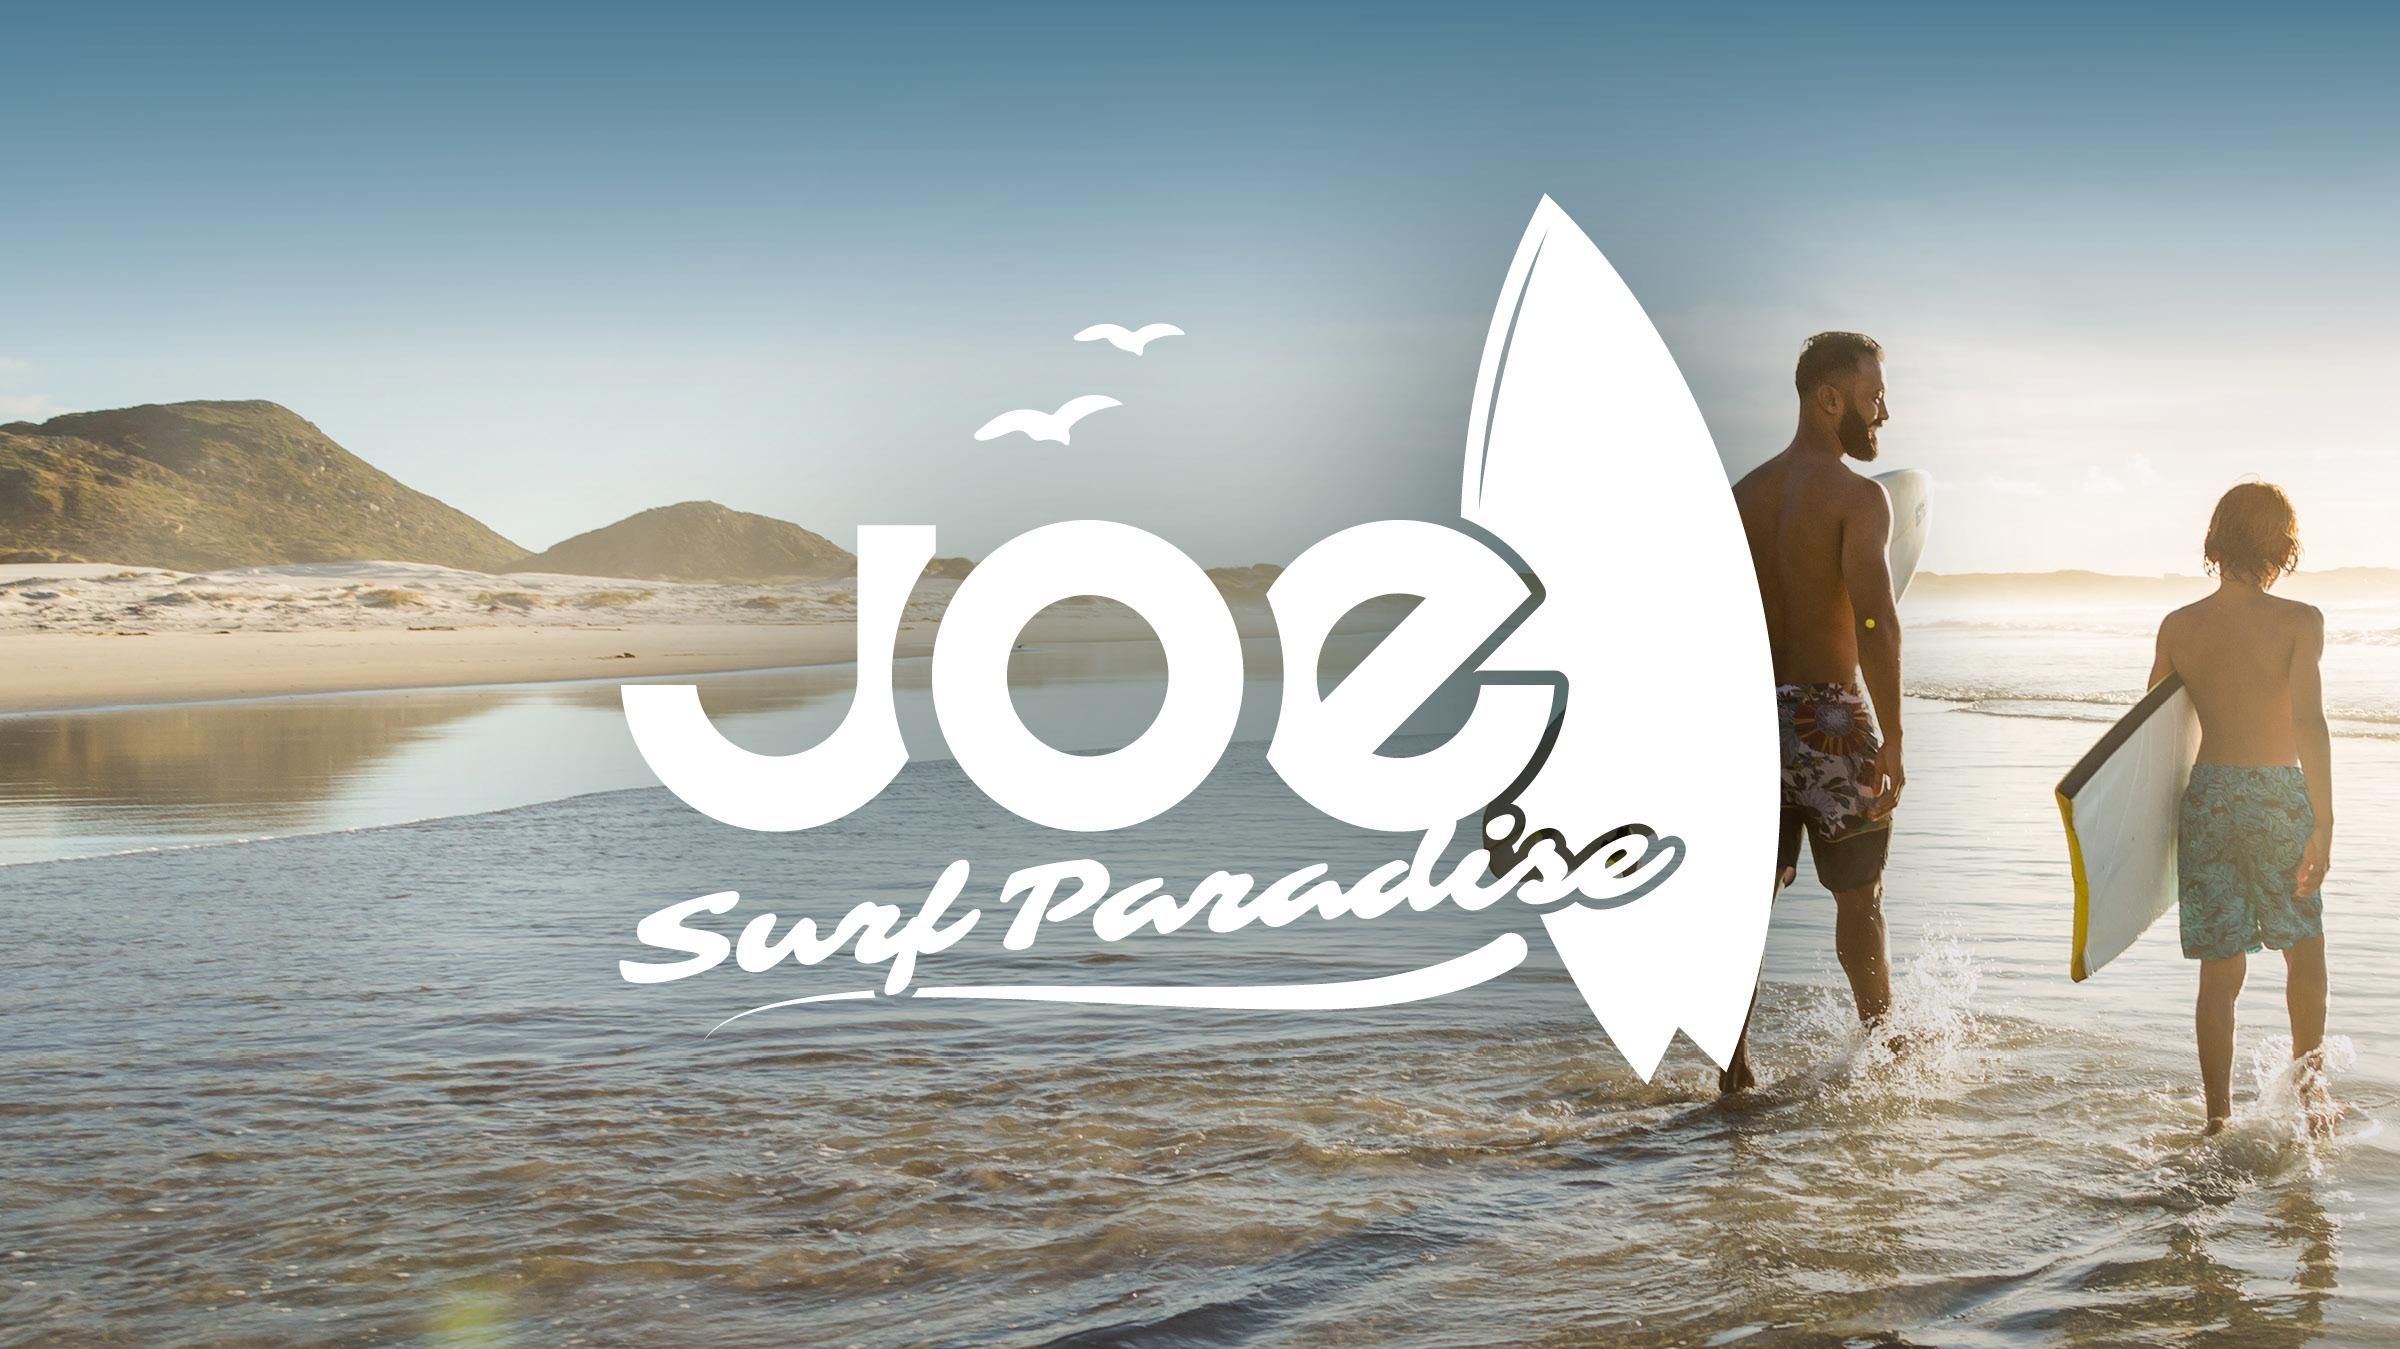 Joe surf